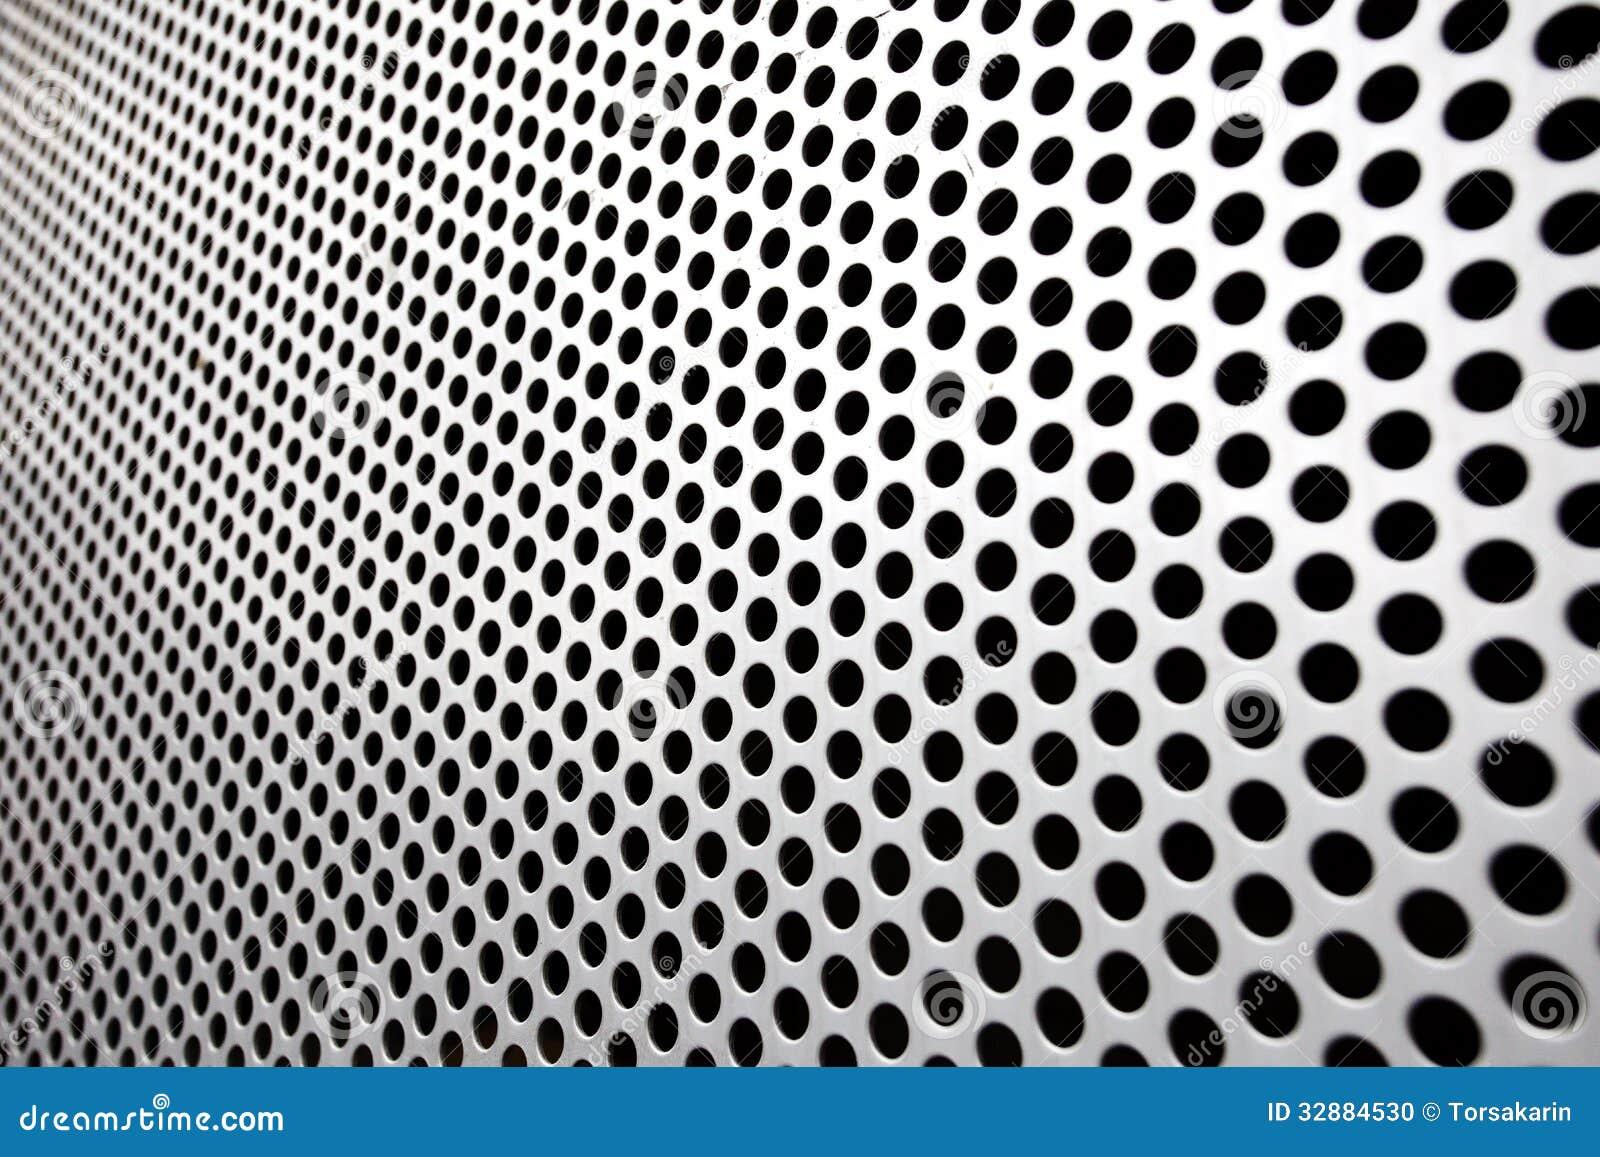 Textura de la malla met lica foto de archivo imagen Malla mosquitera metalica